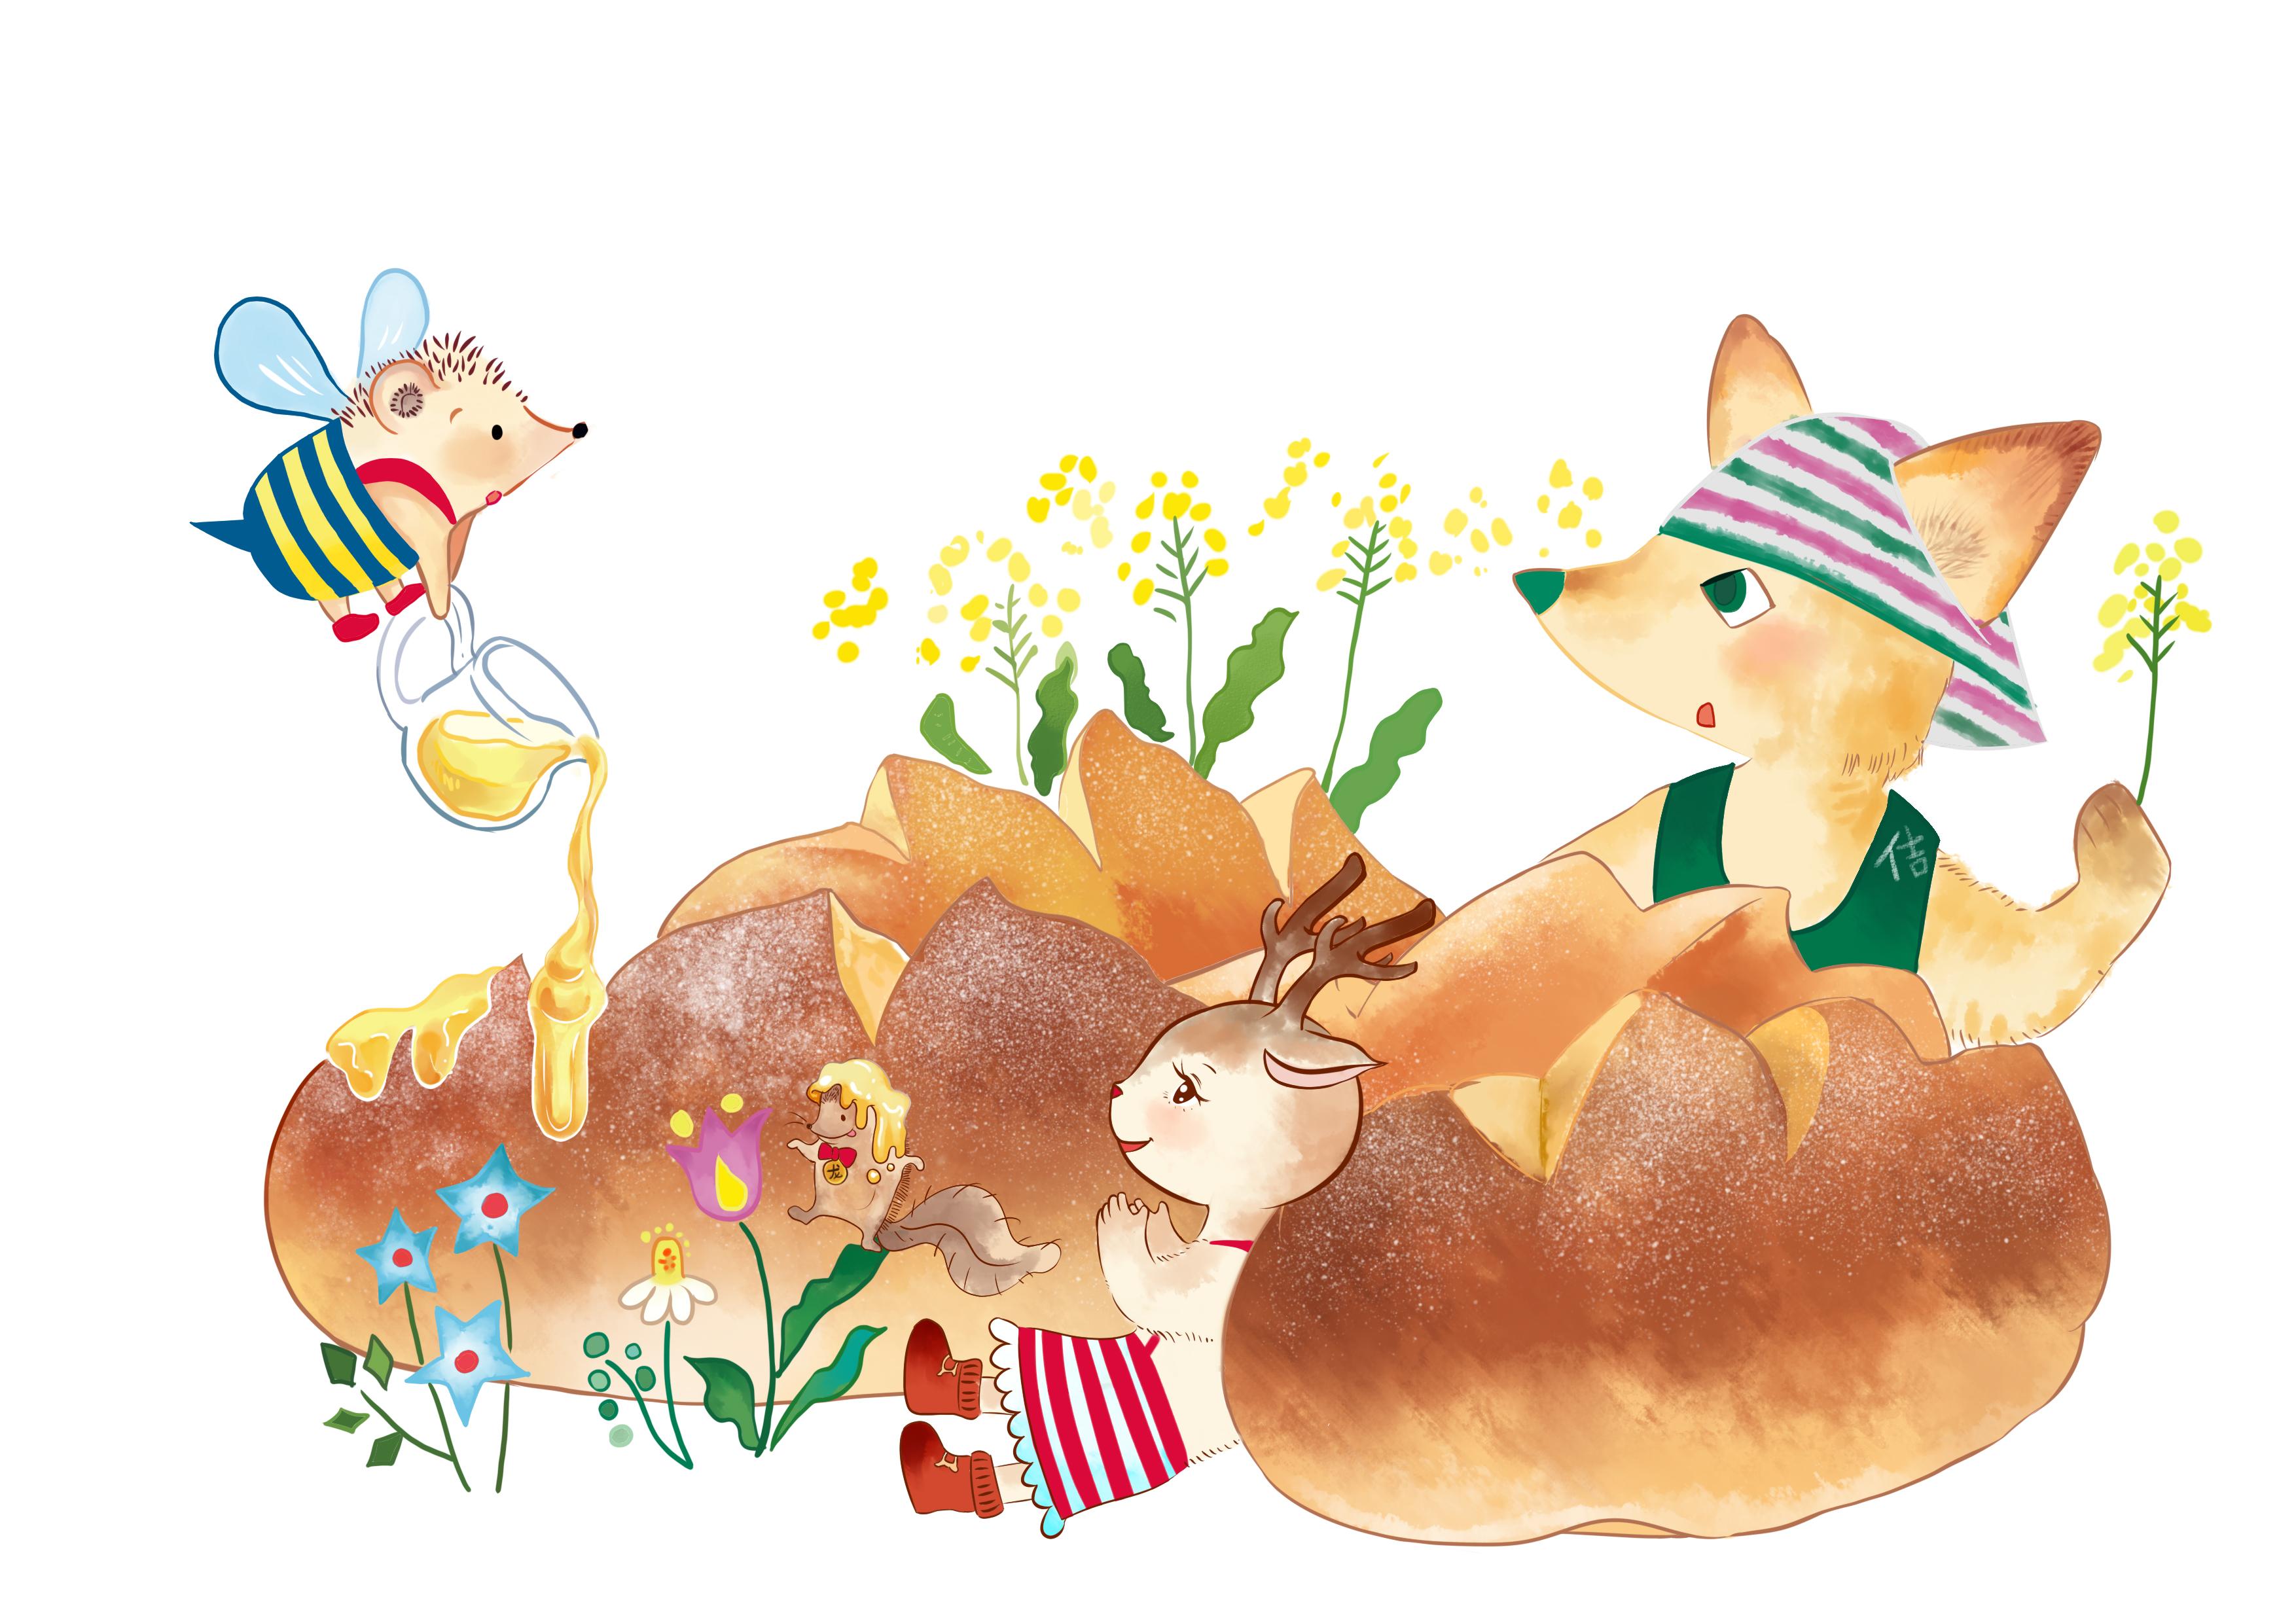 鹿角猫-给甜点店的海报插画